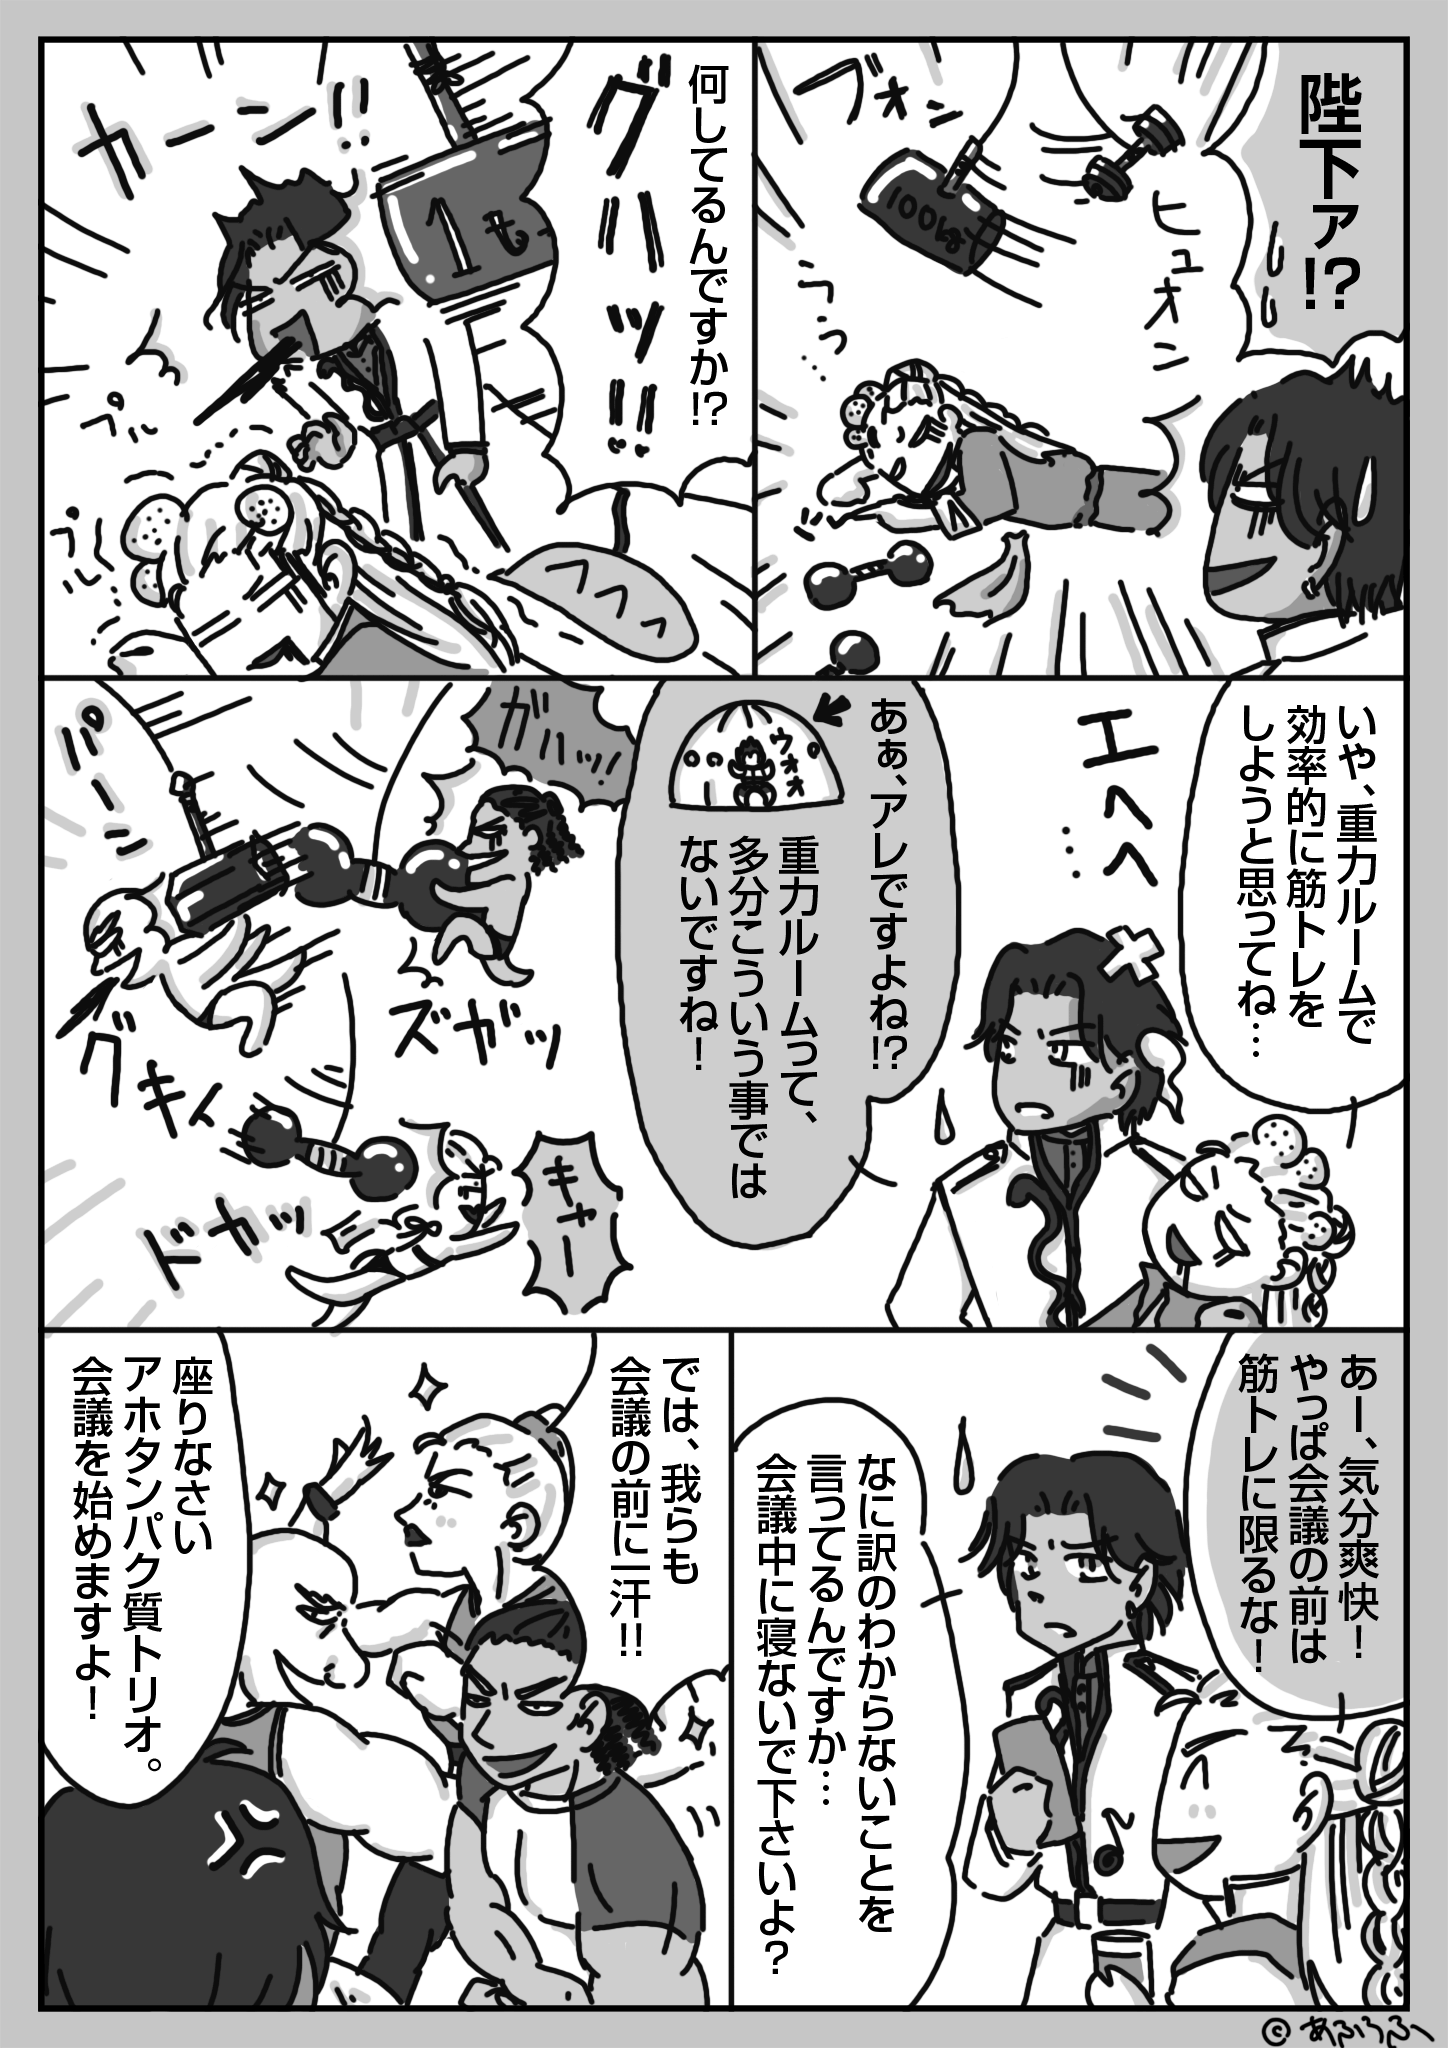 火の魔王とタピオカ入りプロテイン (3)